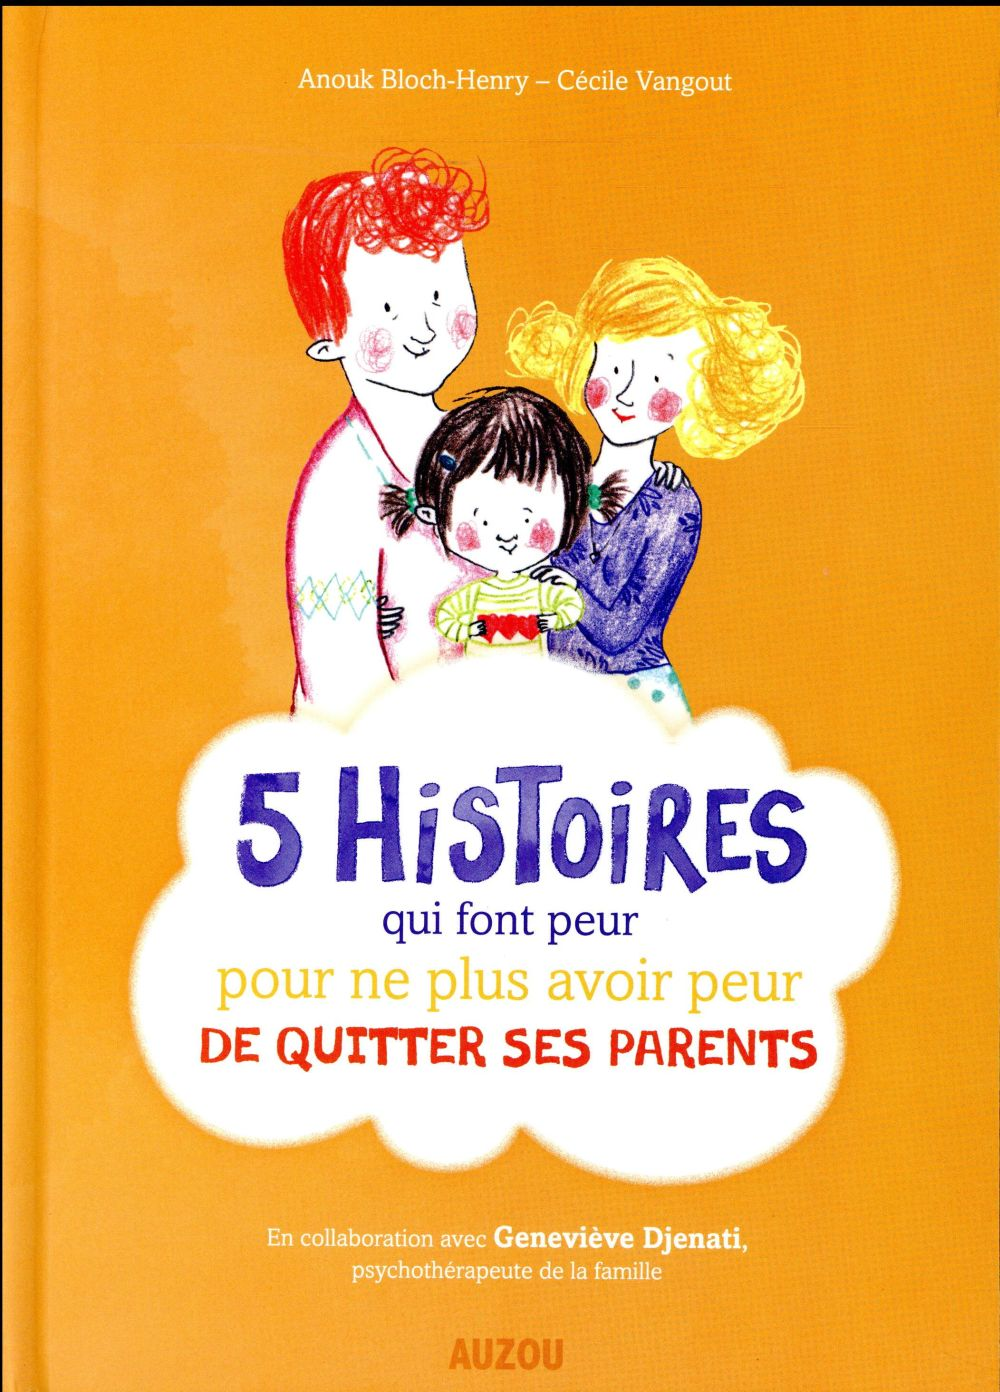 5 HISTOIRES QUI FONT PEUR POUR NE PLUS AVOIR PEUR DU QUITTER SES PARENTS